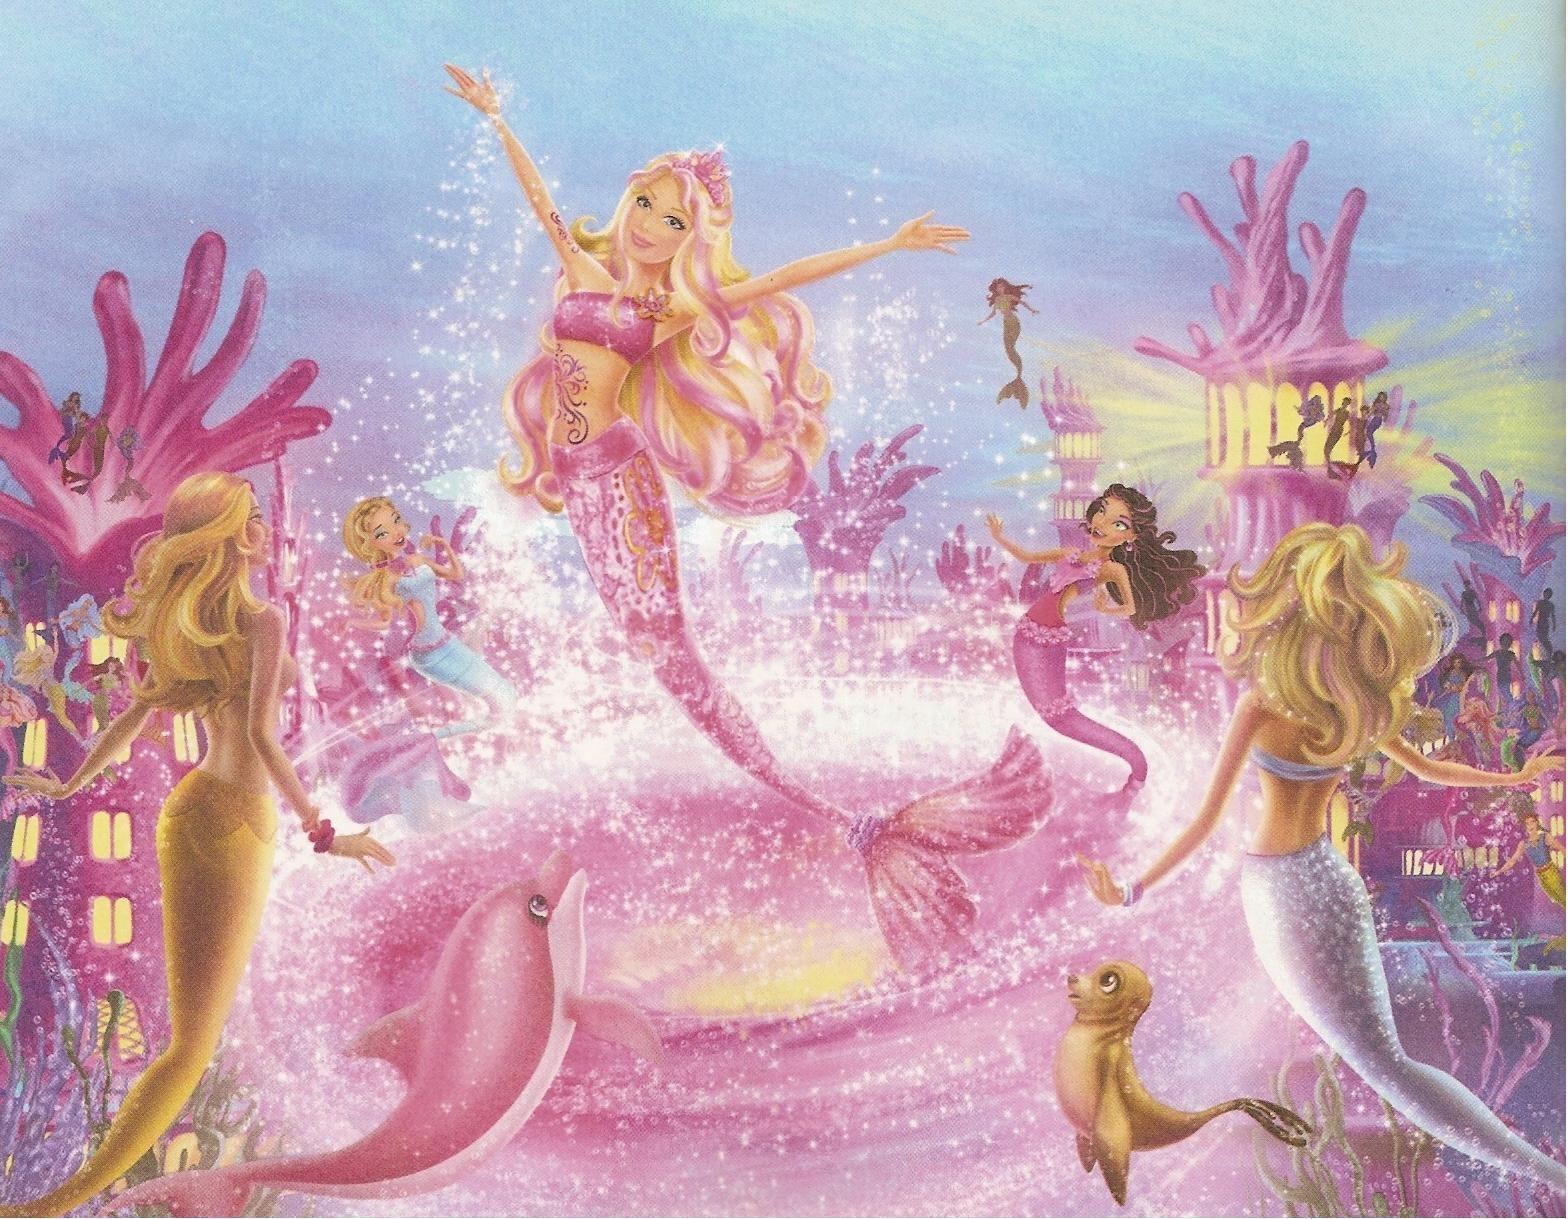 картинки на телефон с феями и русалками австрийские